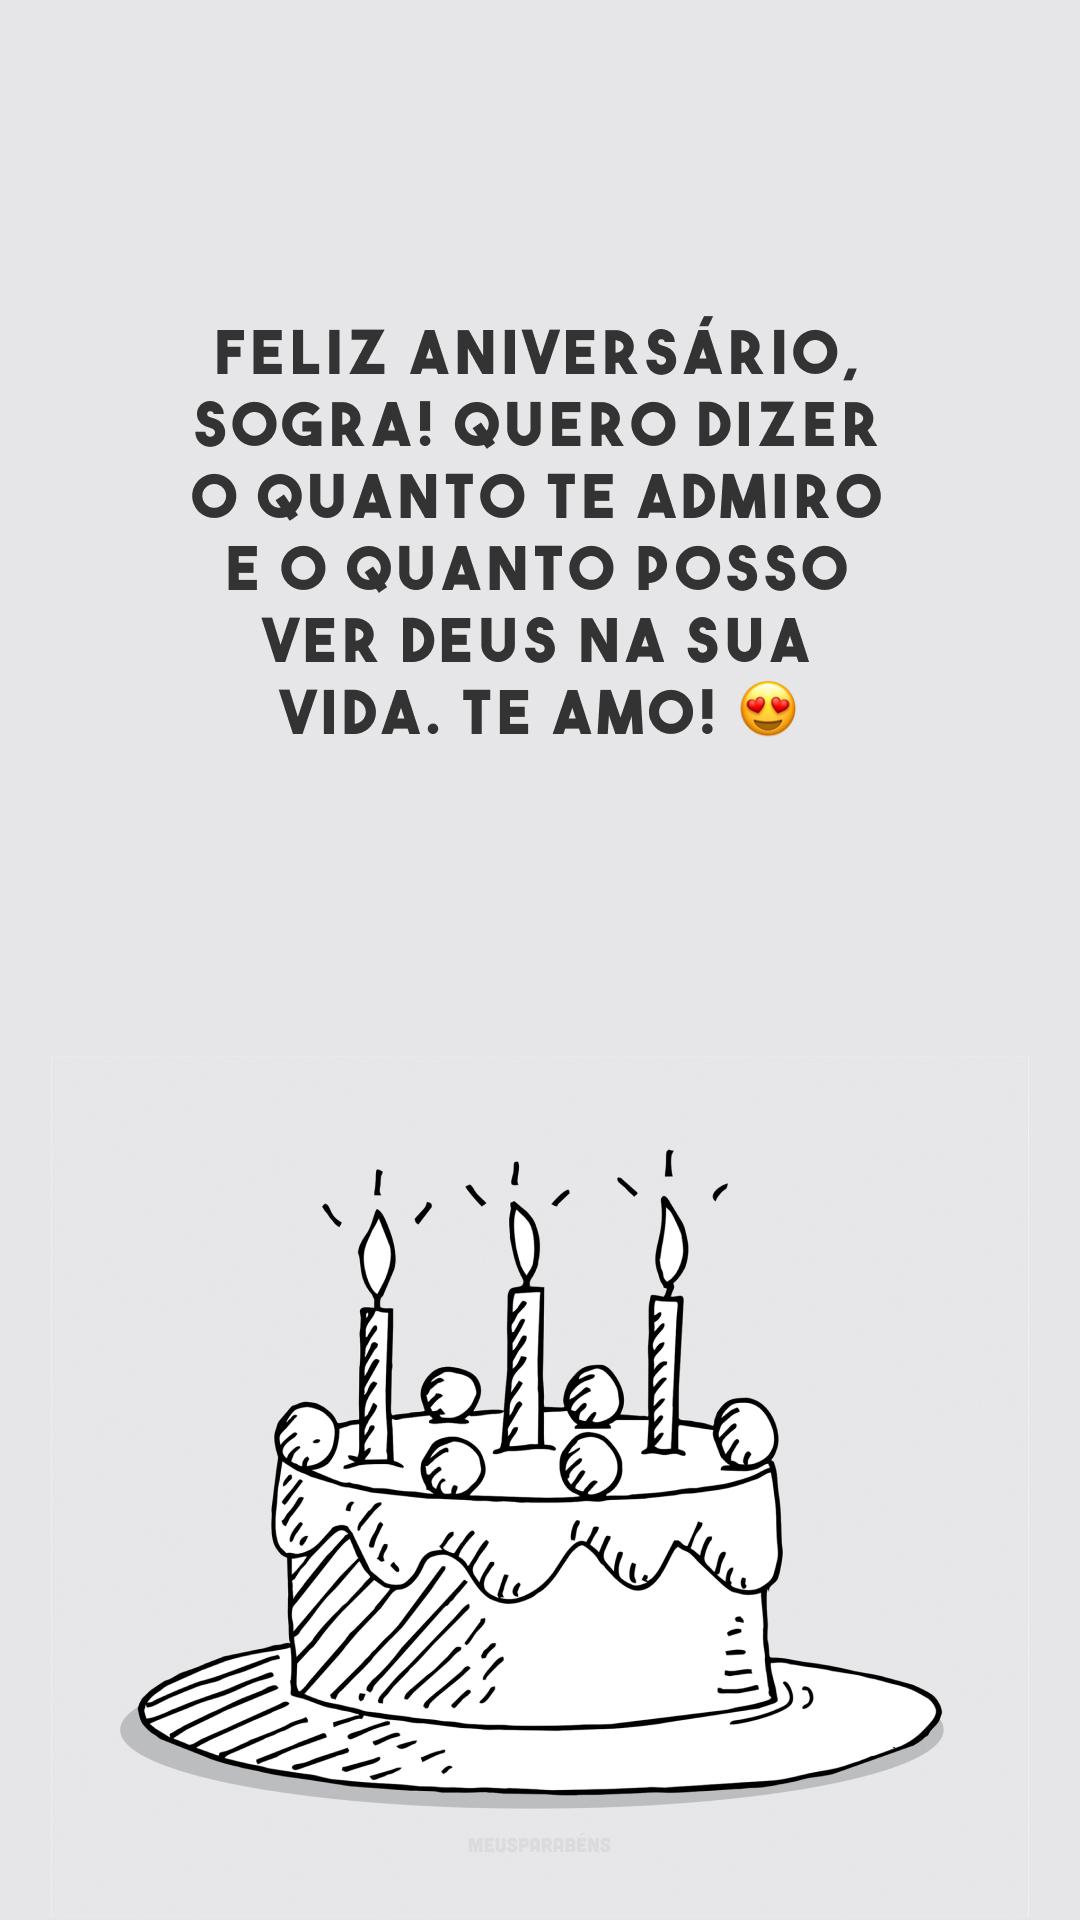 Feliz aniversário, sogra! Quero dizer o quanto te admiro e o quanto posso ver Deus na sua vida. Te amo! 😍